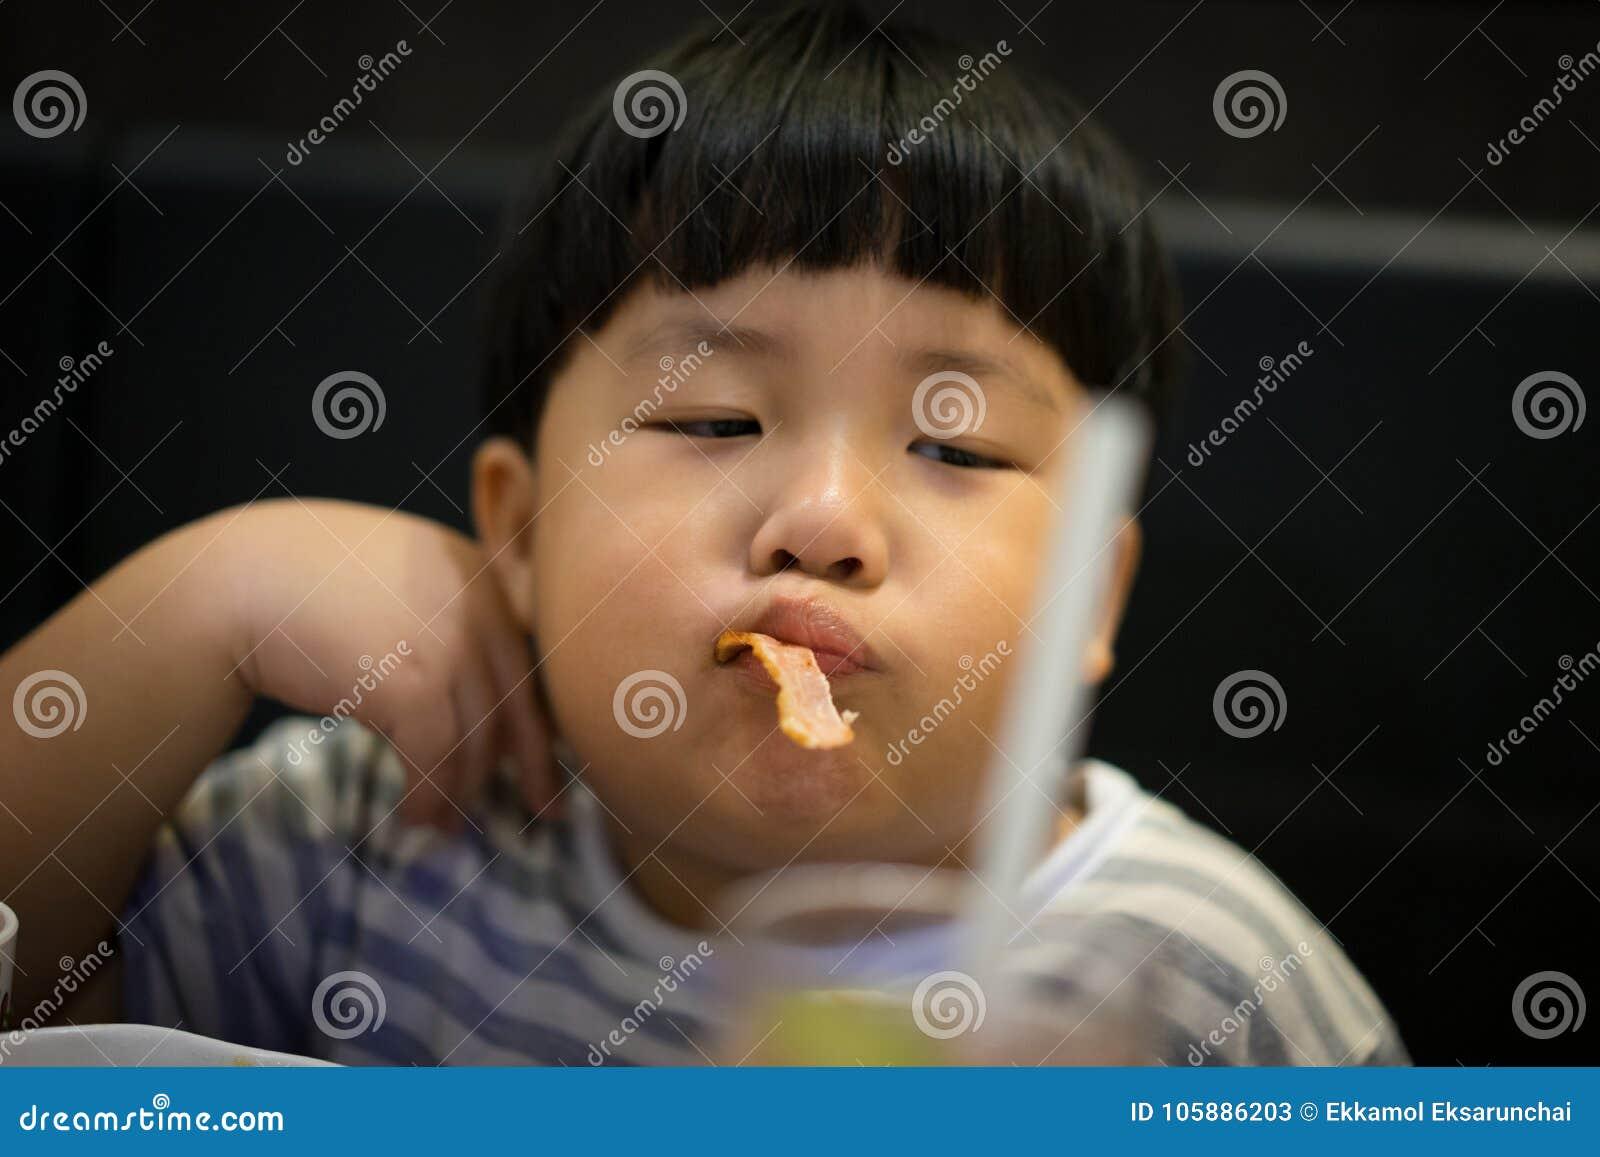 A Boy Eats Bacon Stock Image Image Of Eats Face Asia 105886203